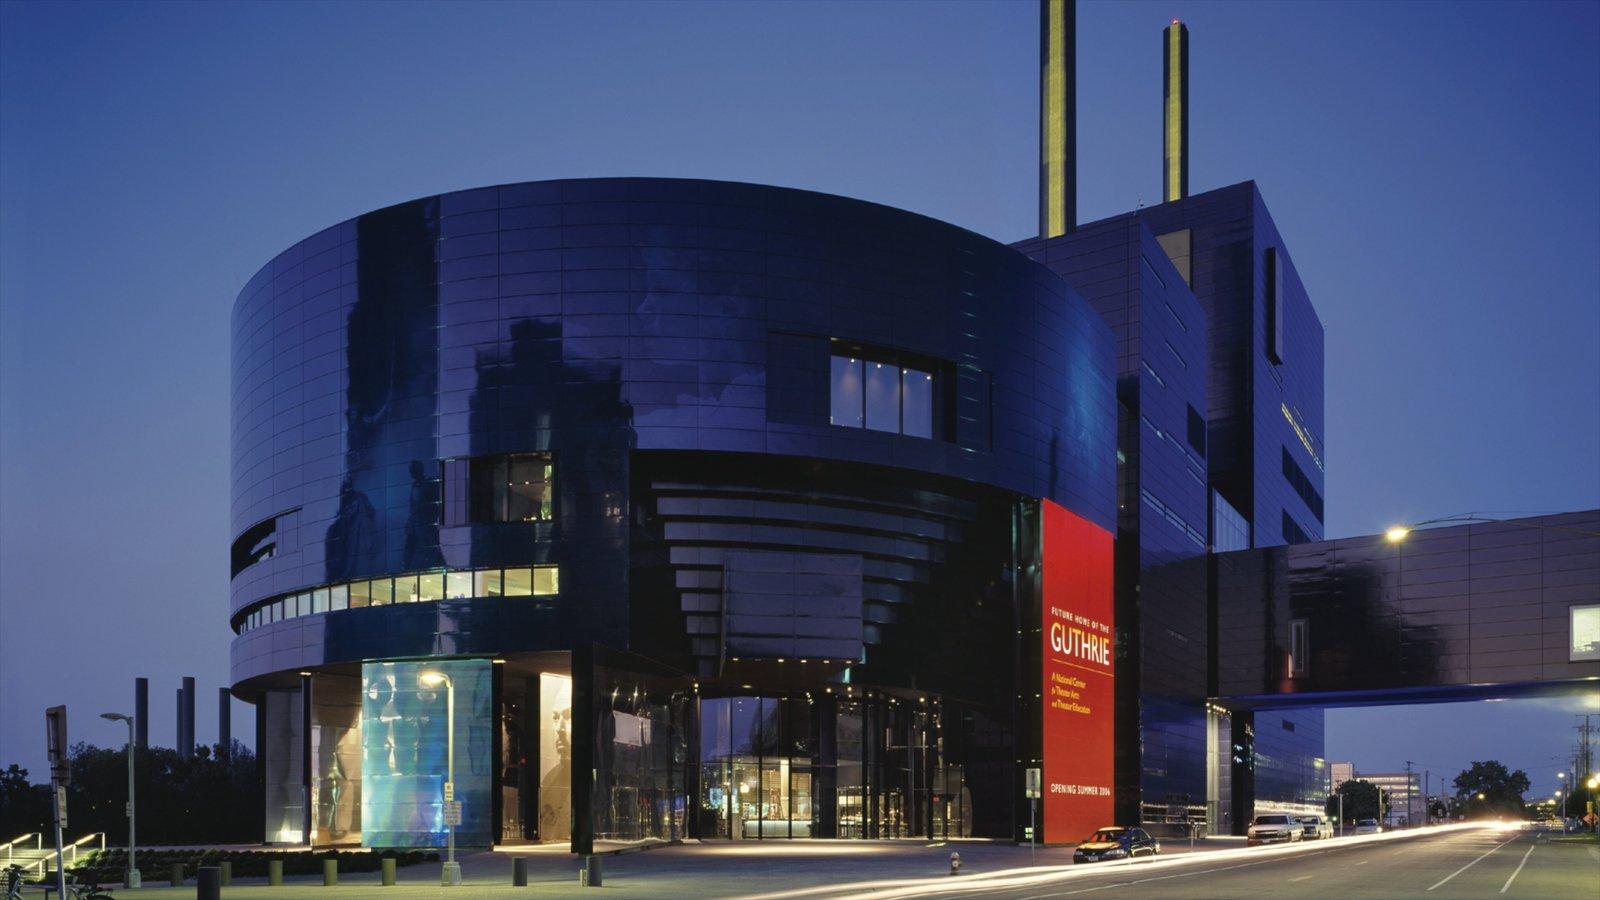 Teatro Guthrie caracterizando cenas noturnas, arquitetura moderna e uma cidade